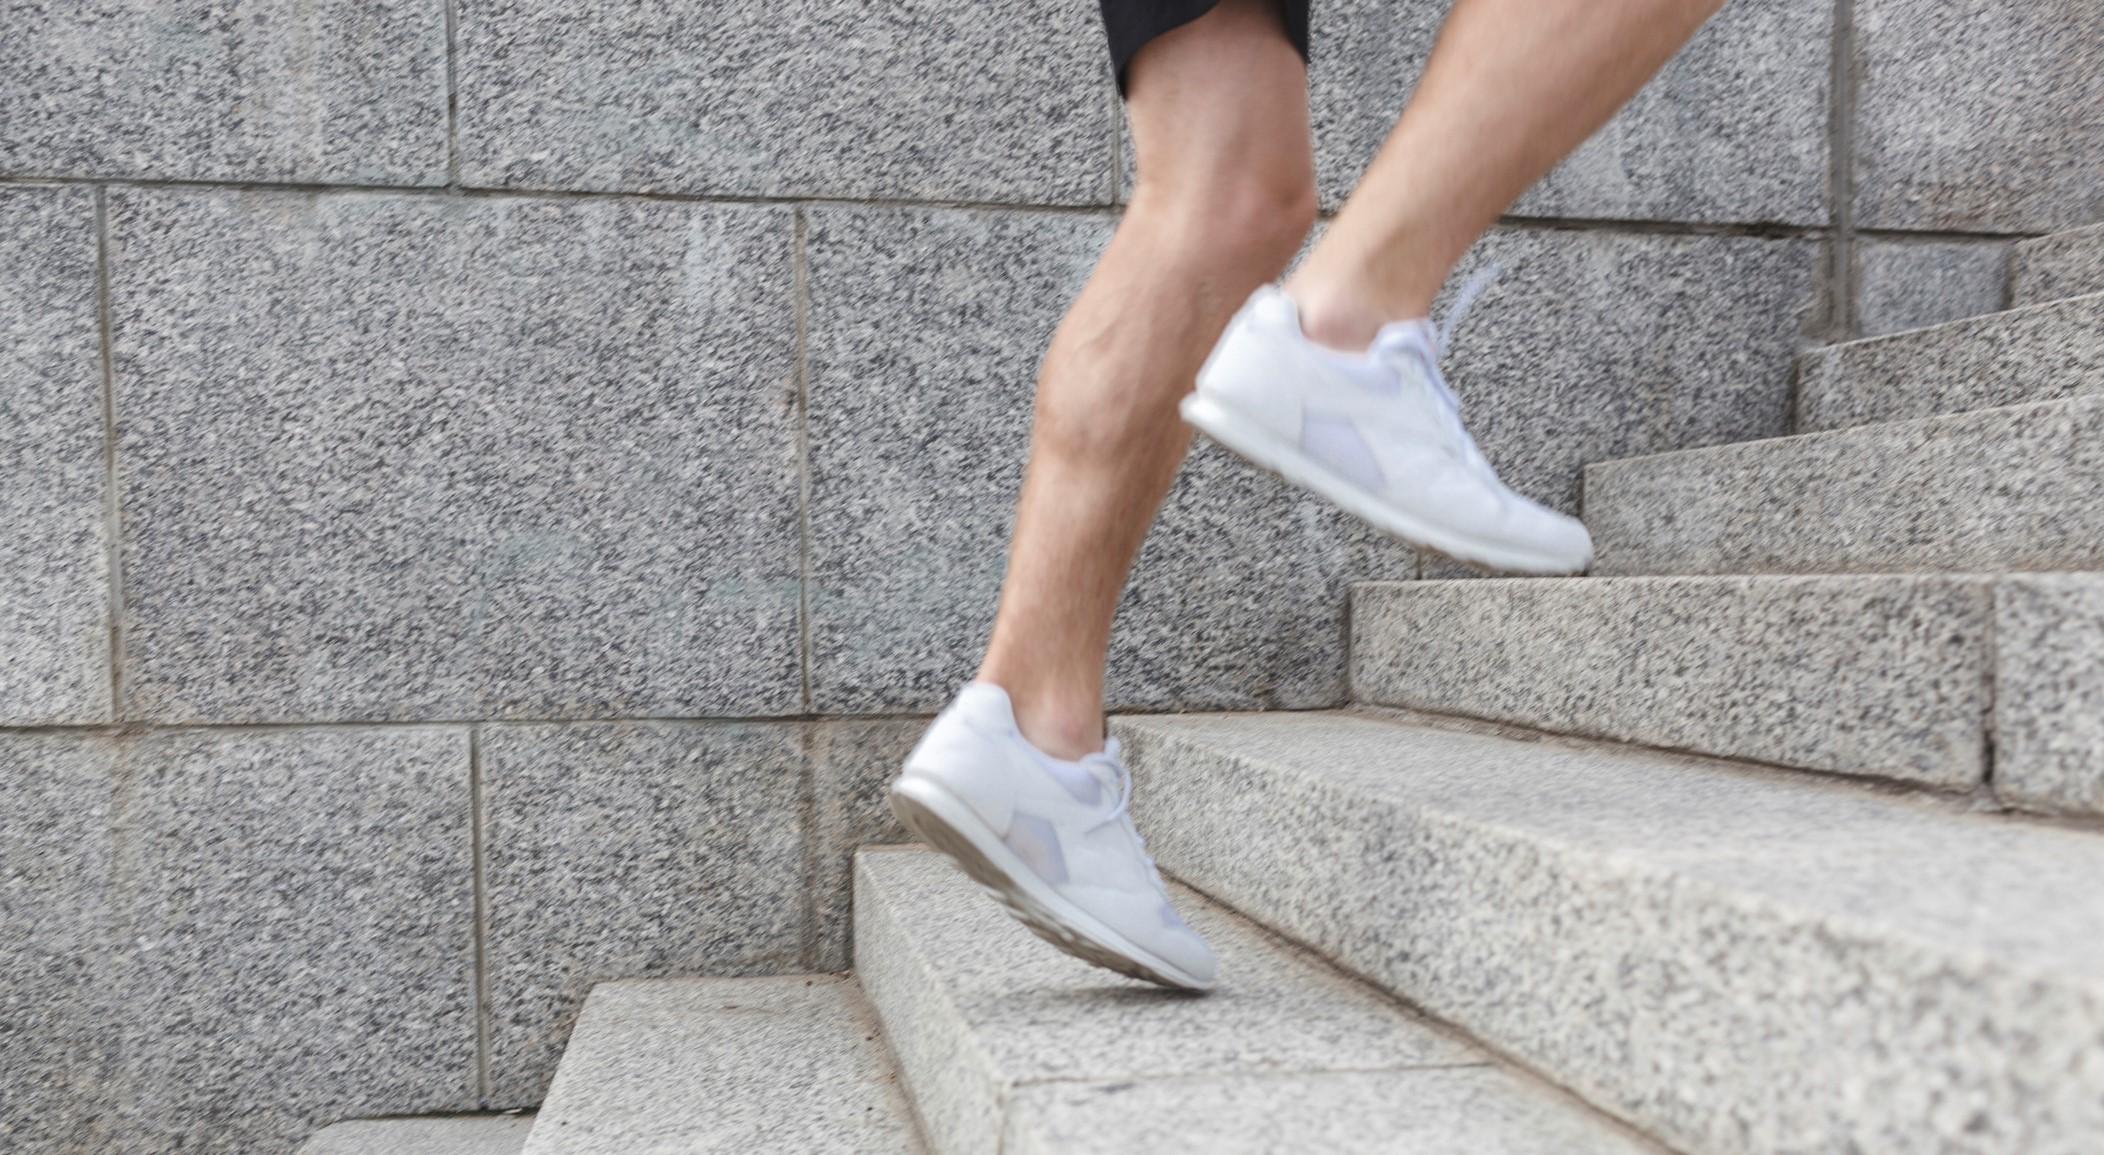 階段を走る効果とは。下半身の筋肉や心肺能力を鍛える「階段走りトレーニング」のポイント